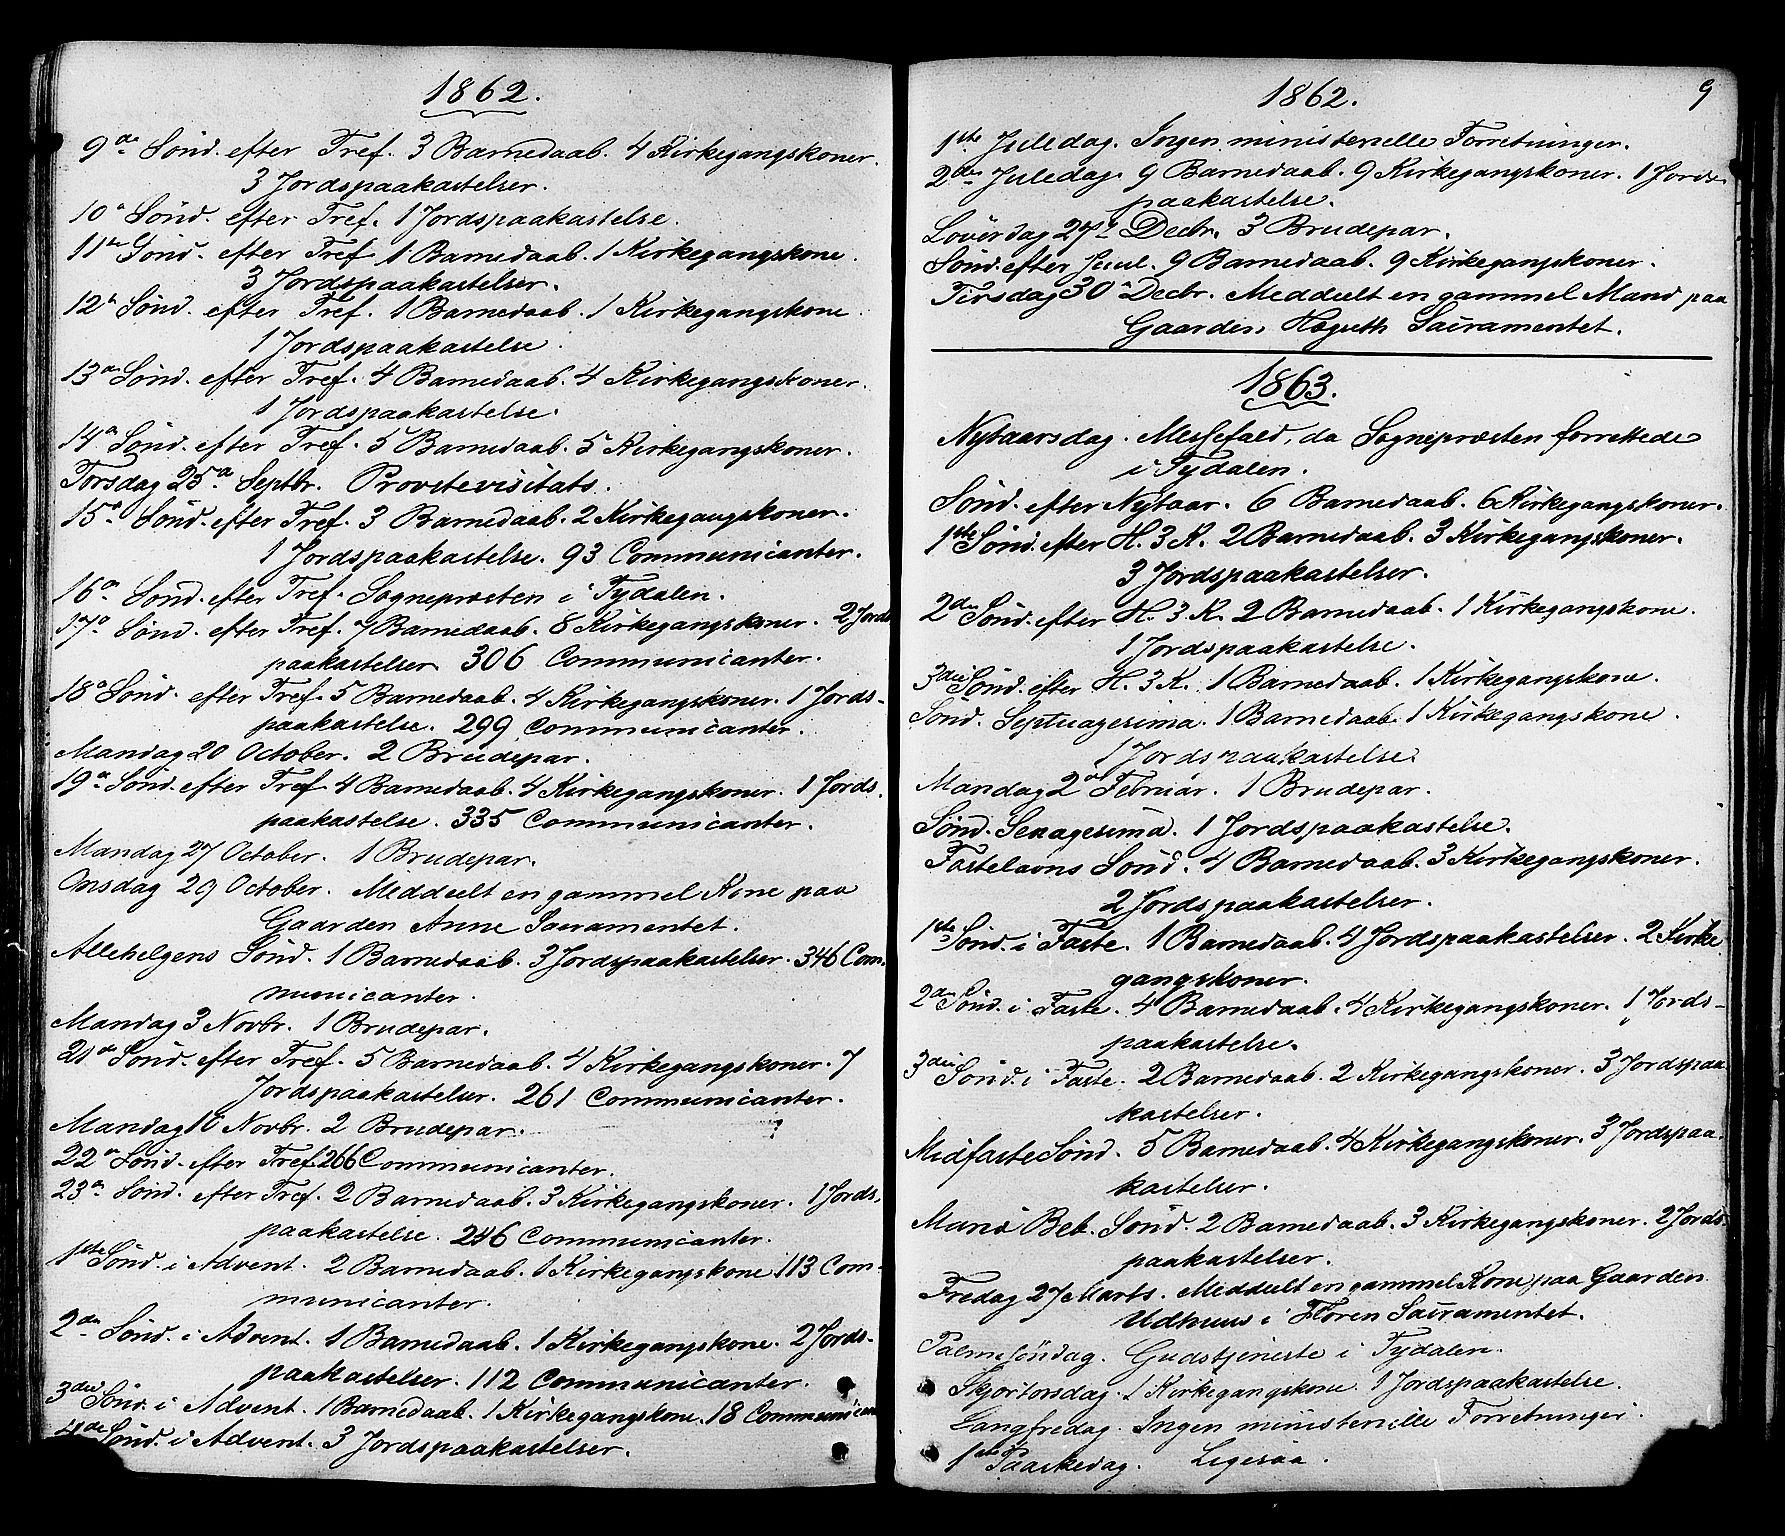 SAT, Ministerialprotokoller, klokkerbøker og fødselsregistre - Sør-Trøndelag, 695/L1147: Ministerialbok nr. 695A07, 1860-1877, s. 9